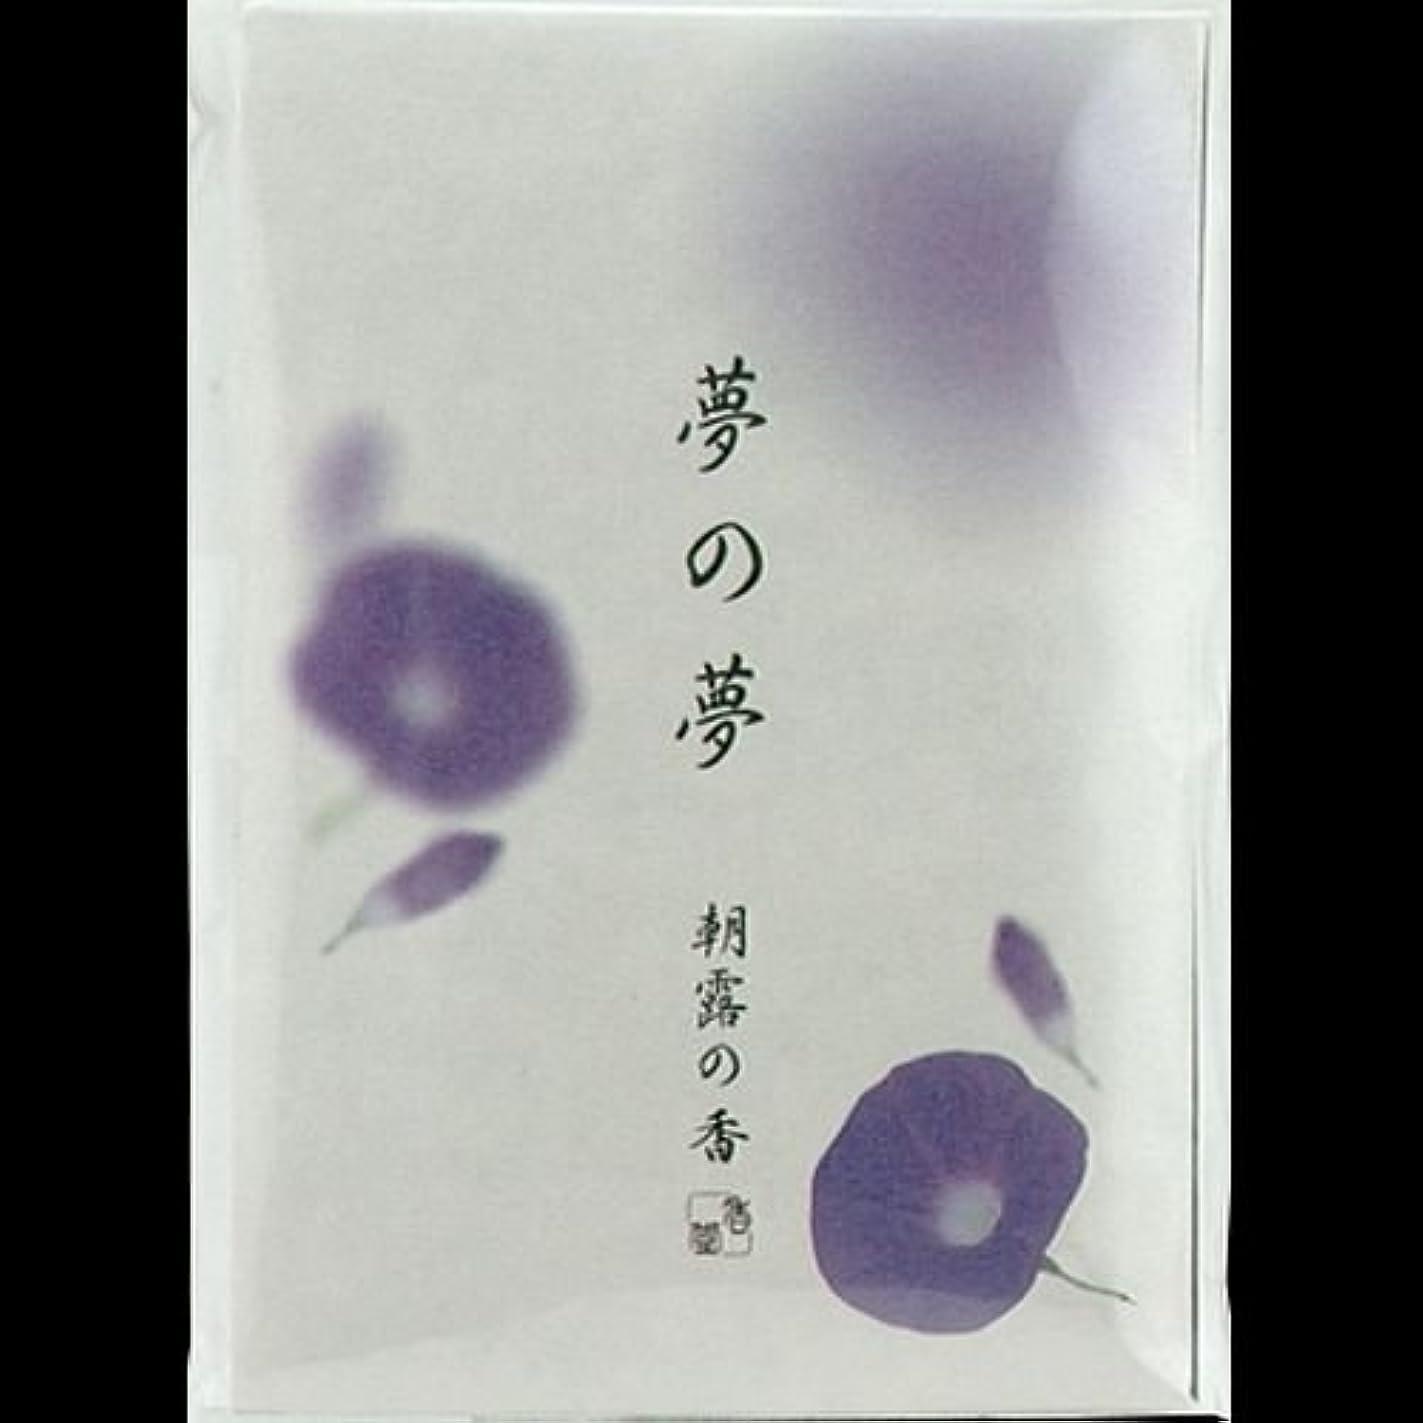 仲間、同僚人事擬人化【まとめ買い】夢の夢 朝露(あさつゆ) スティック12本入 ×2セット